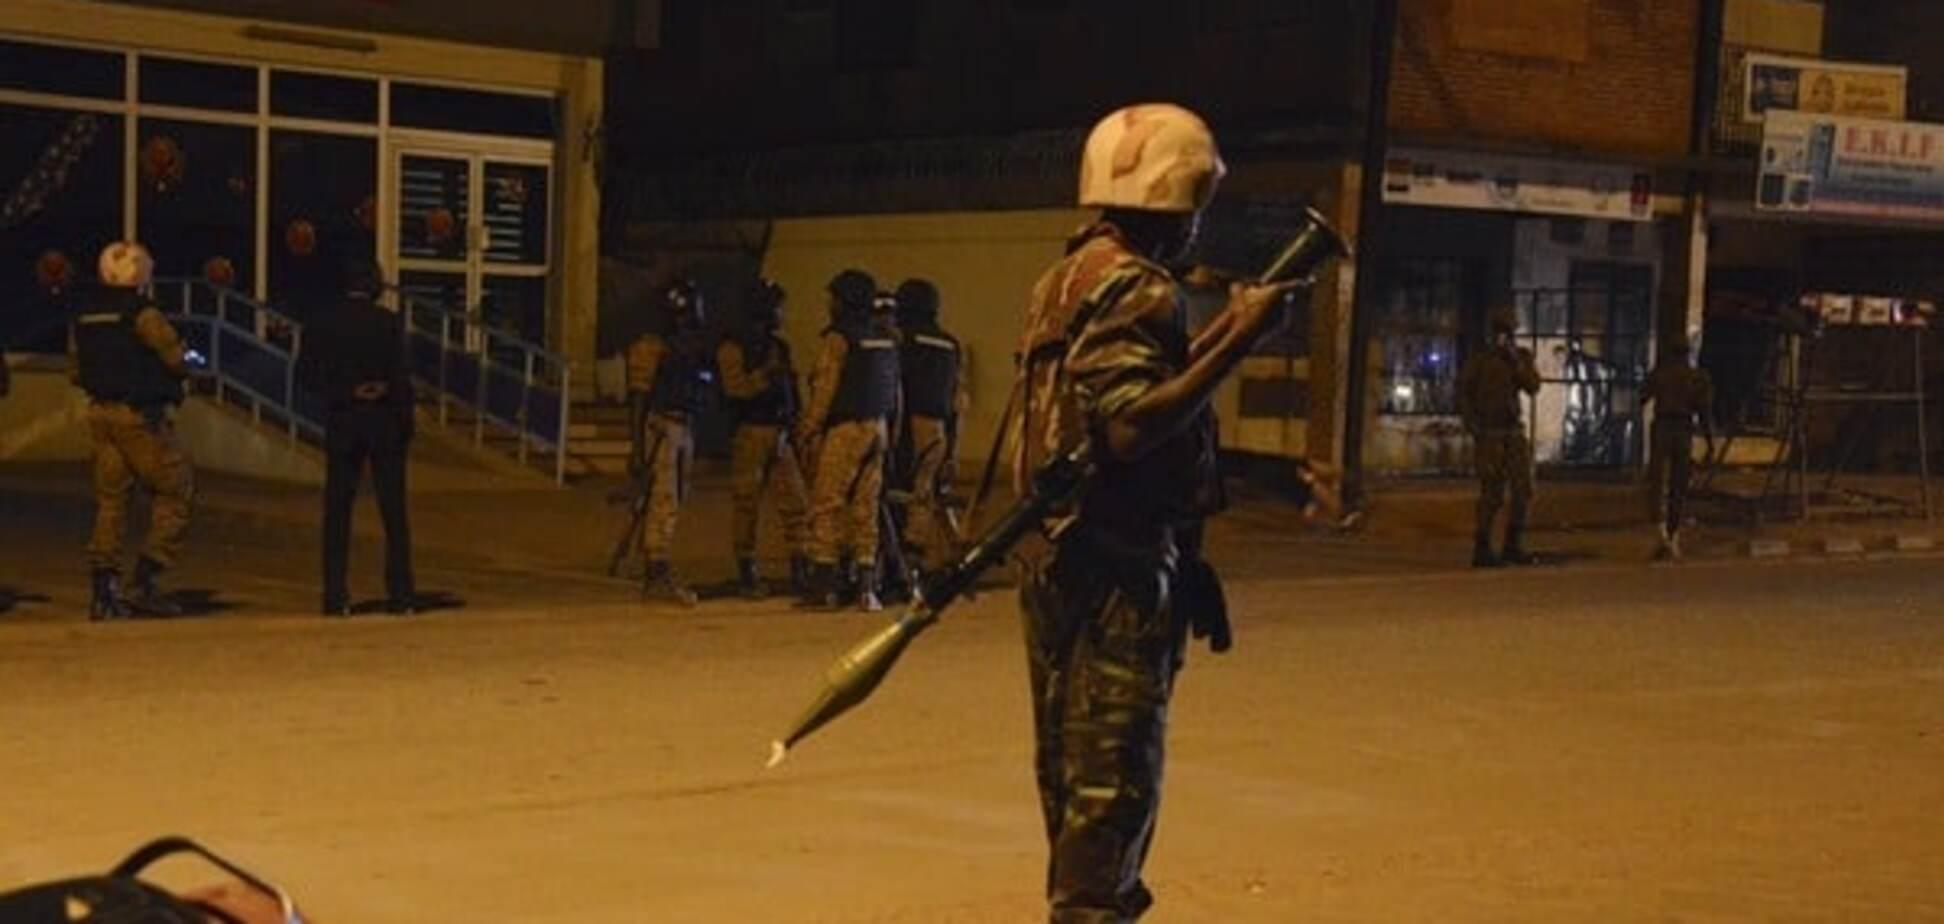 Очевидцы рассказали об атаке террористов в Буркина-Фасо: мы притворялись мертвыми